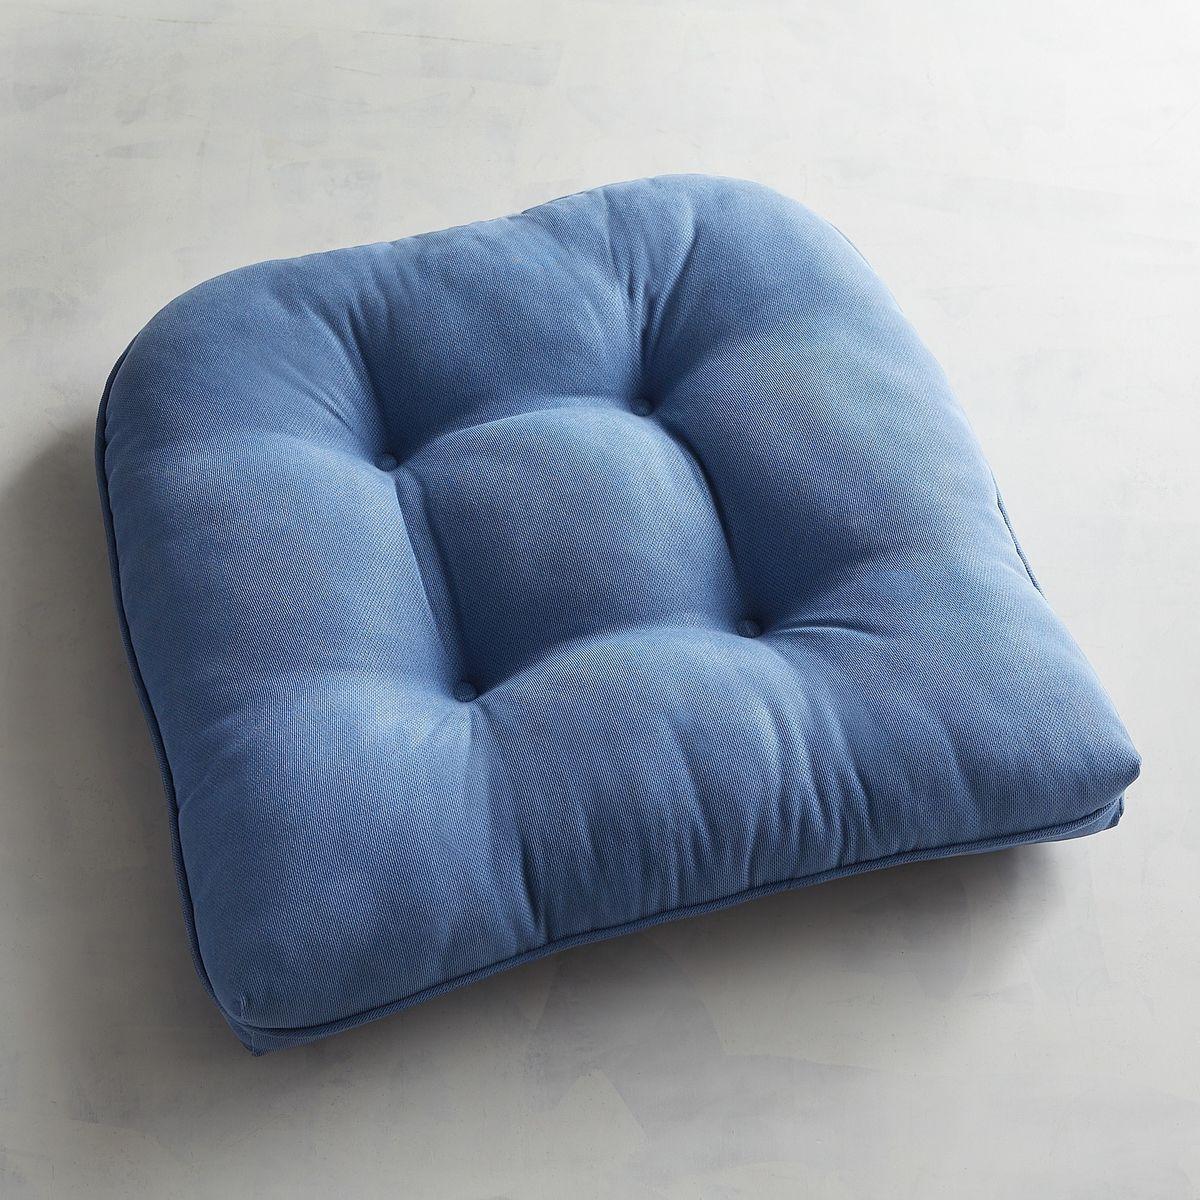 Standard Contour Chair Cushion In Calliope Denim Pier 1 Imports Indoor Chair Cushions Chair Cushions Outdoor Chair Cushions